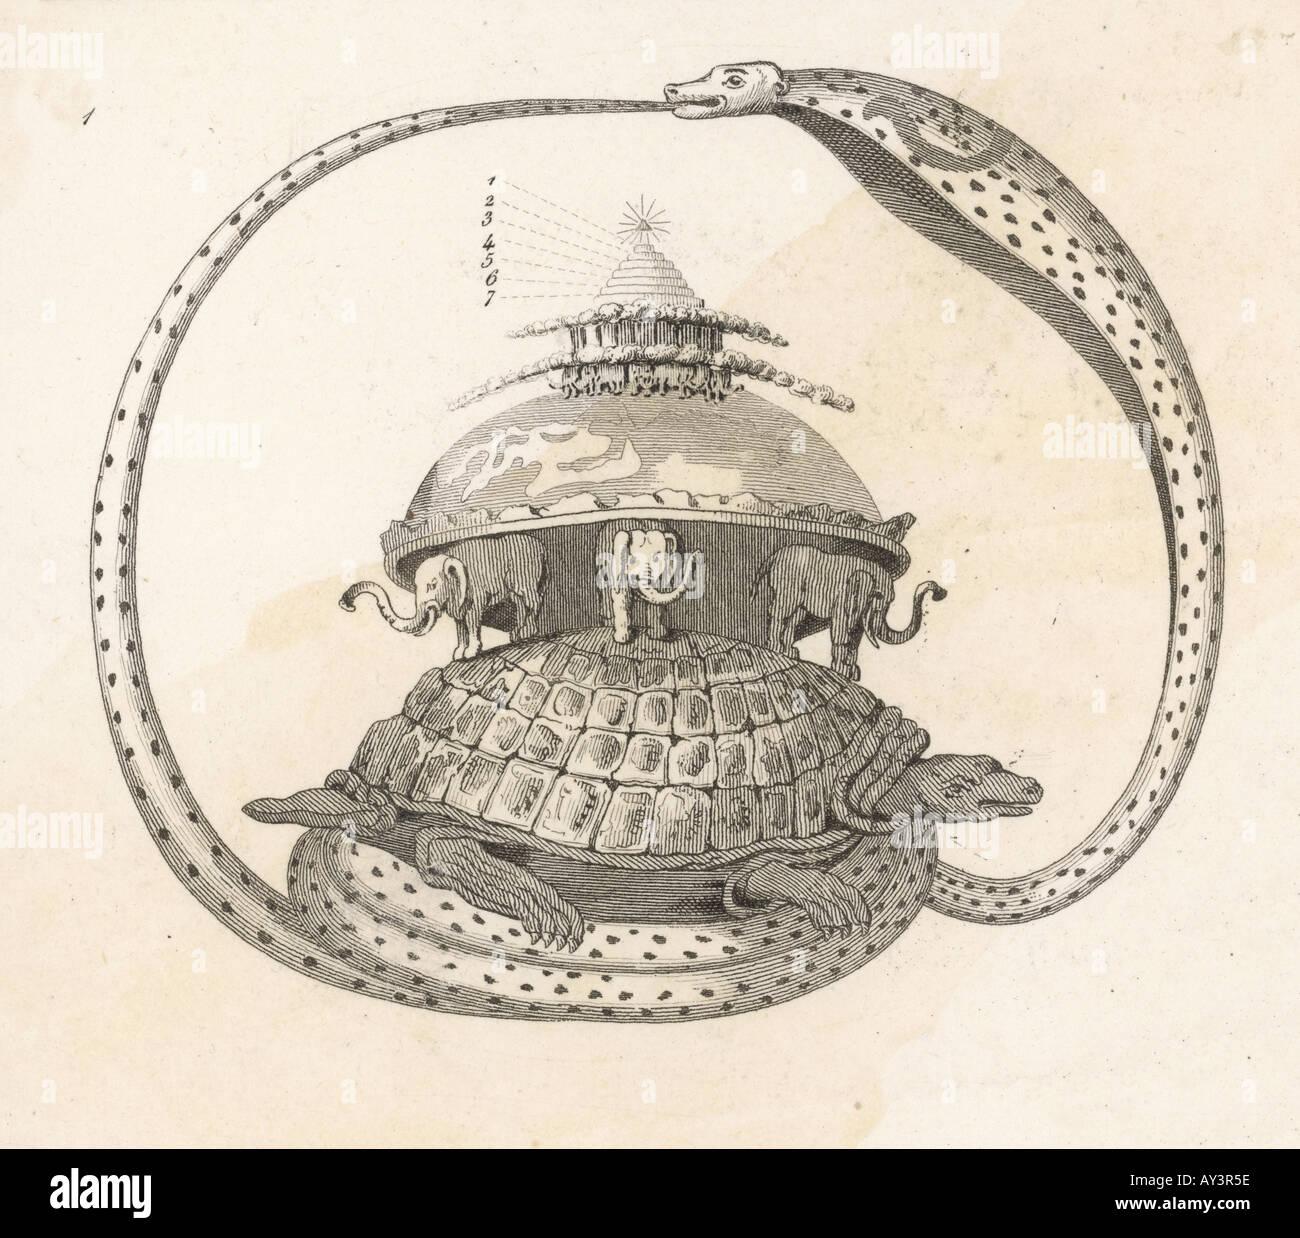 Hindu Cosmic Turtle - Stock Image